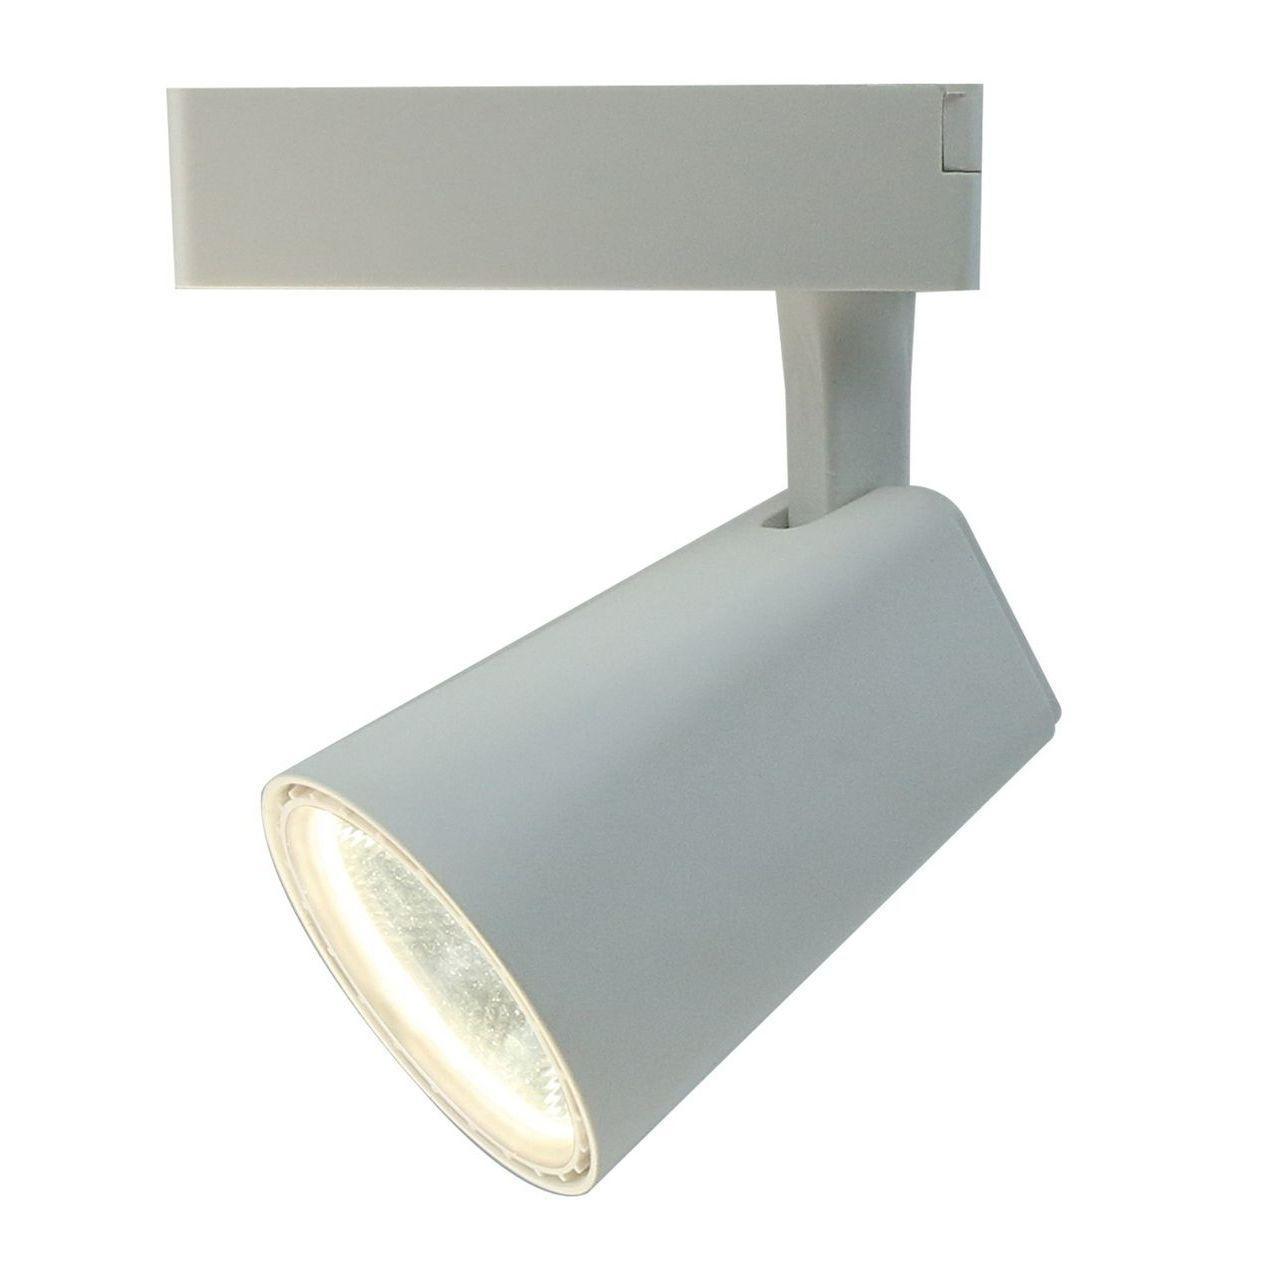 Трековый светодиодный светильник Arte Lamp Amico A1830PL-1WH трековый светодиодный светильник arte lamp amico a1830pl 1bk